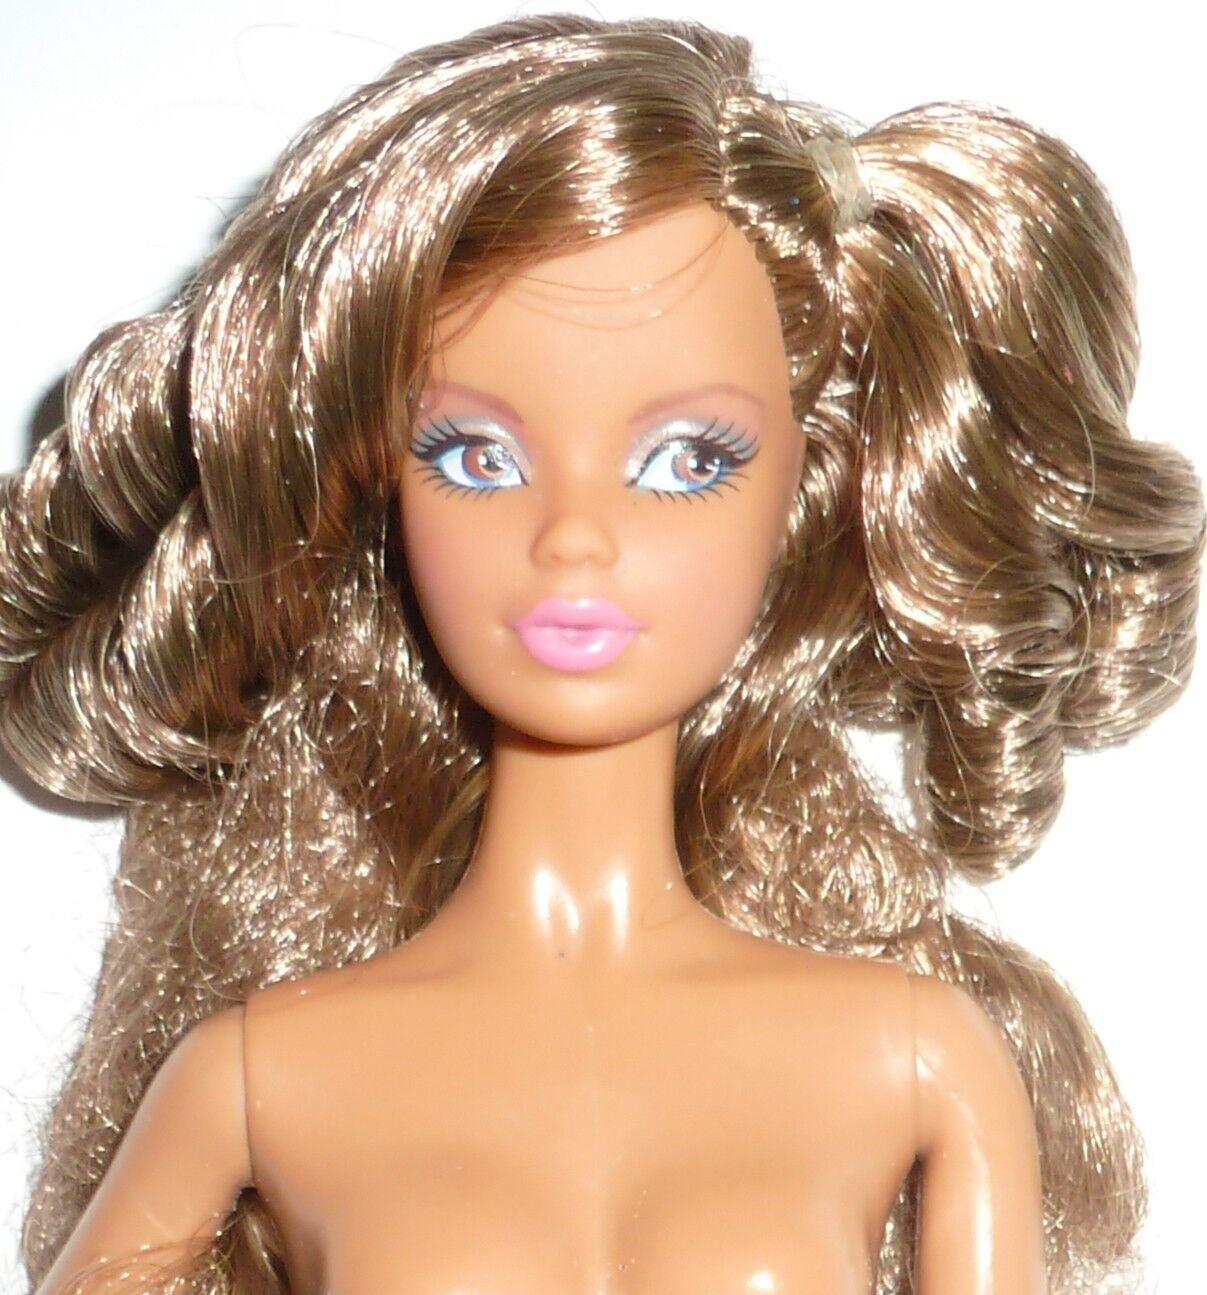 al prezzo più basso RARE edizione STEFFIE STEFFIE STEFFIE Barbie modello Muse Bambola.  nelle promozioni dello stadio